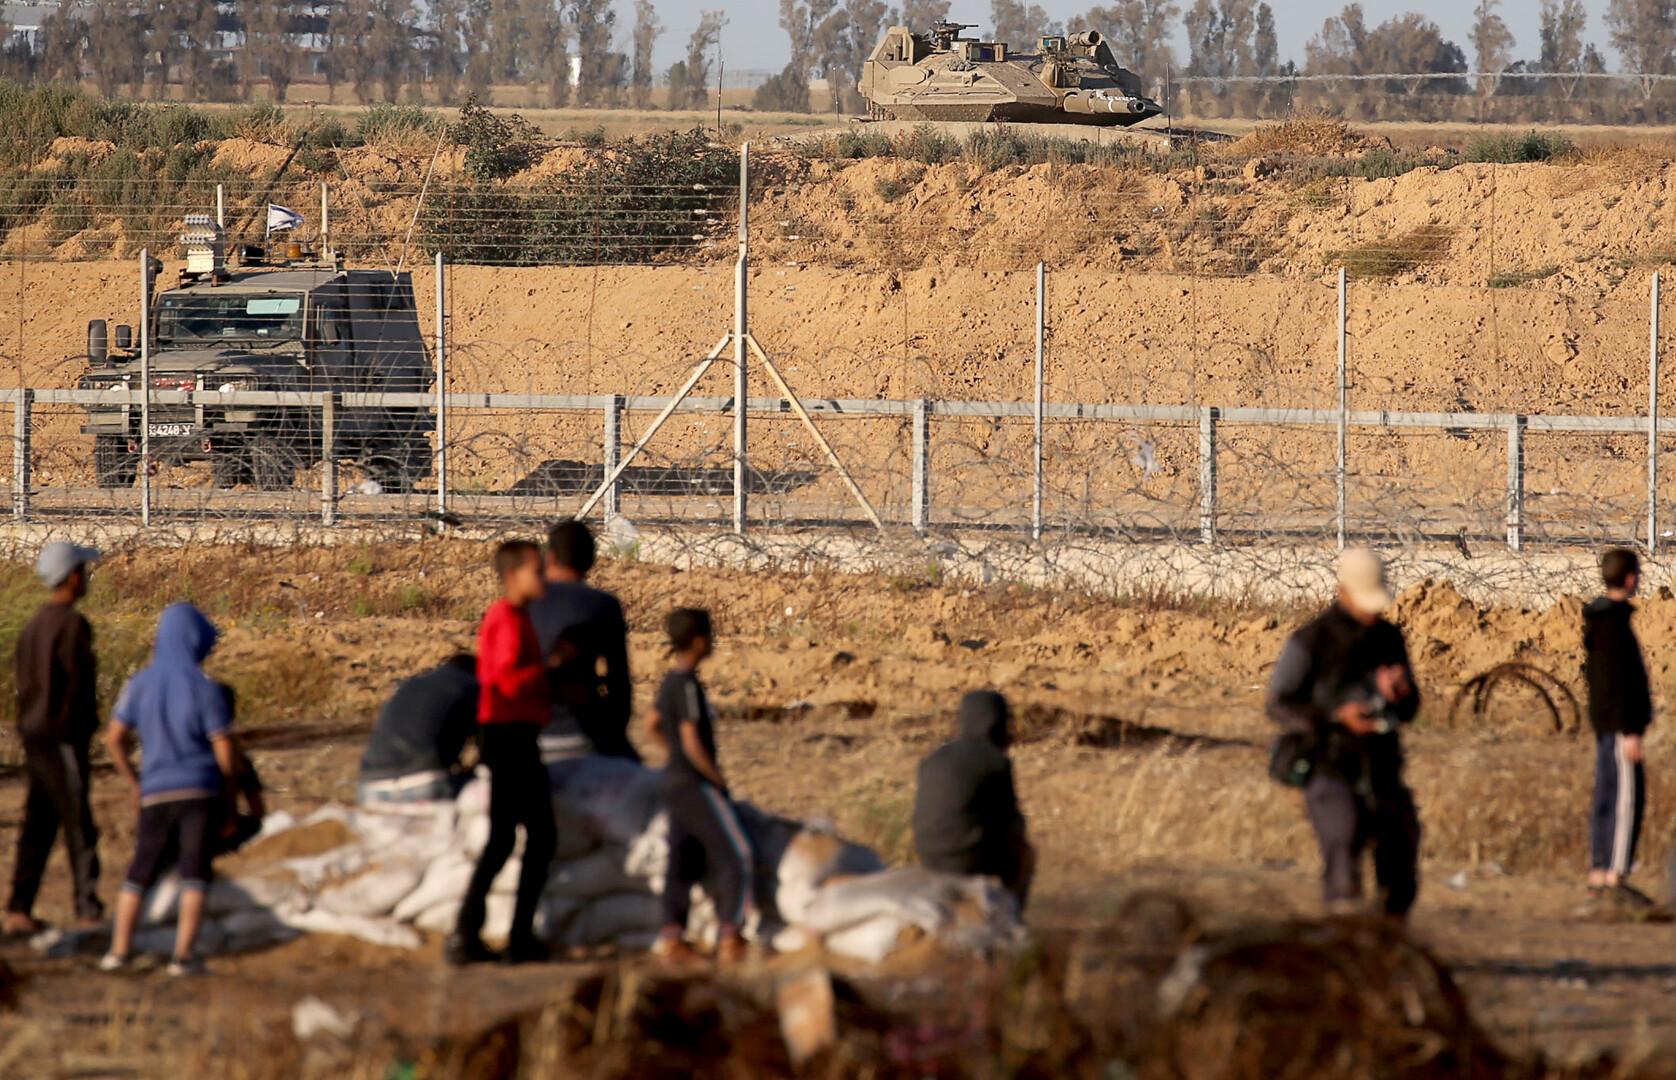 الجيش الإسرائيلي: إطلاق صافرات الإنذار في البلدات والمستوطنات المحاذية لقطاع غزة